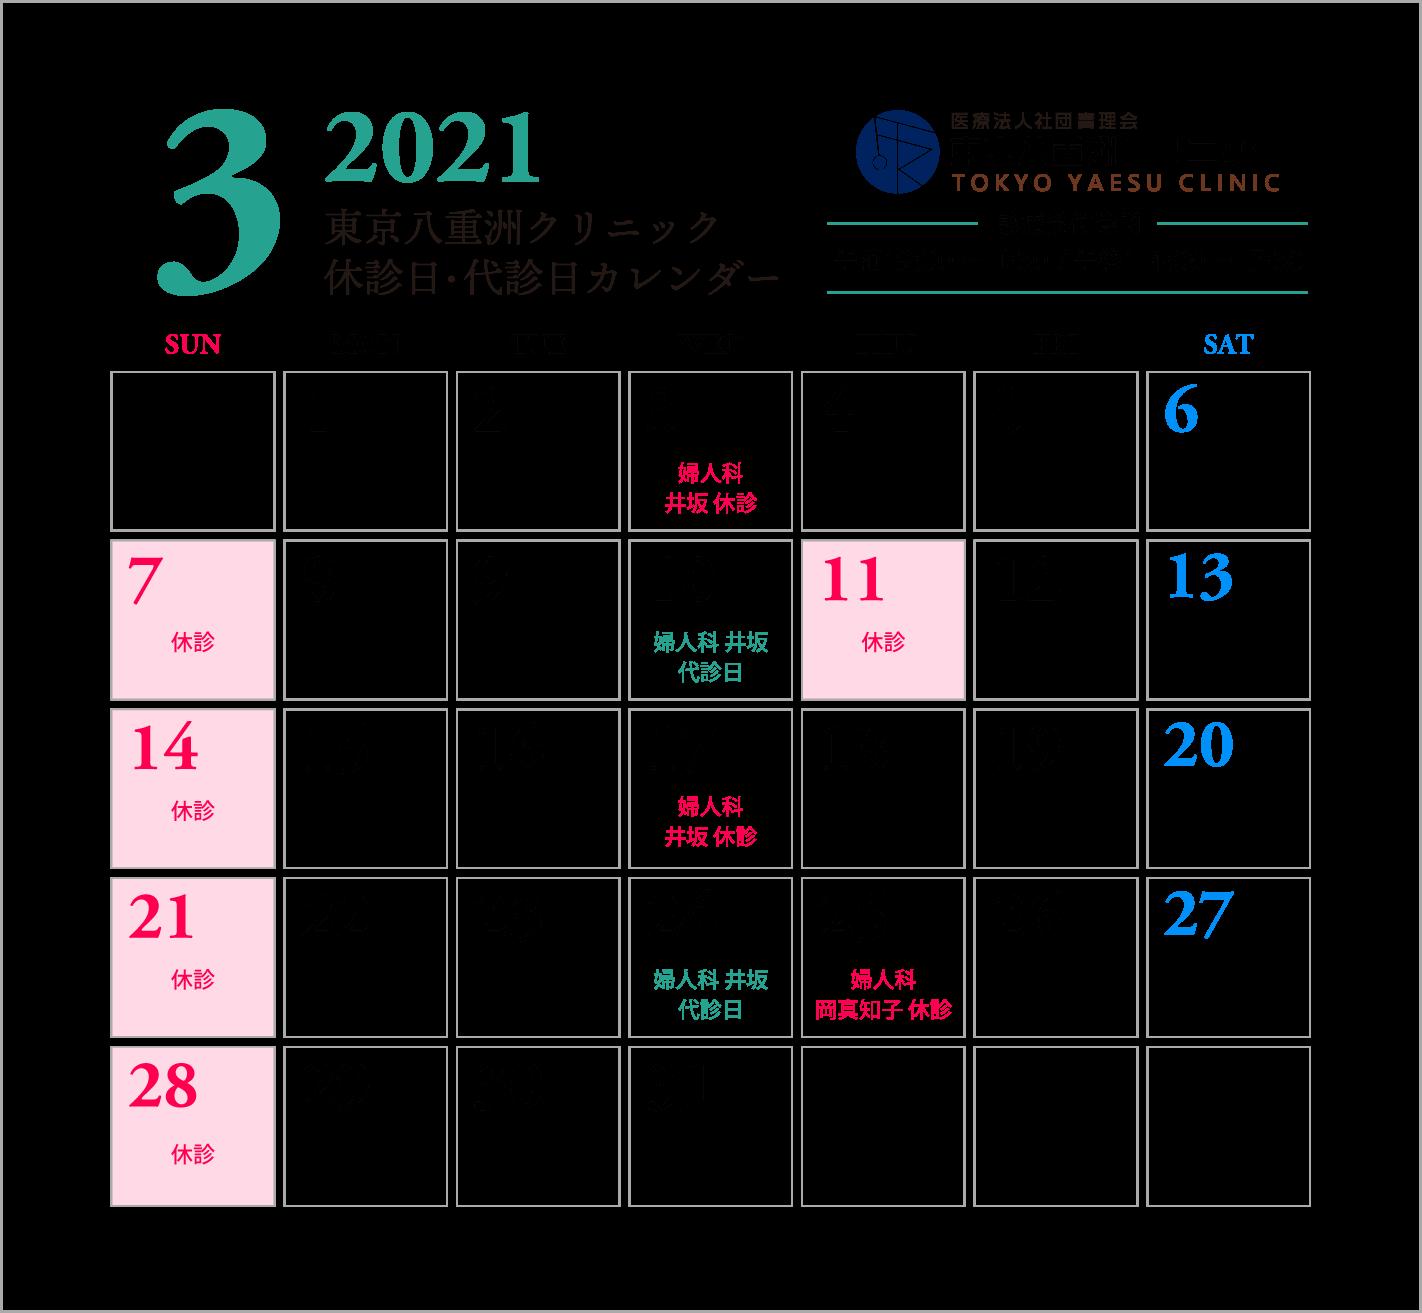 【更新】3月休診日・代診日のお知らせ